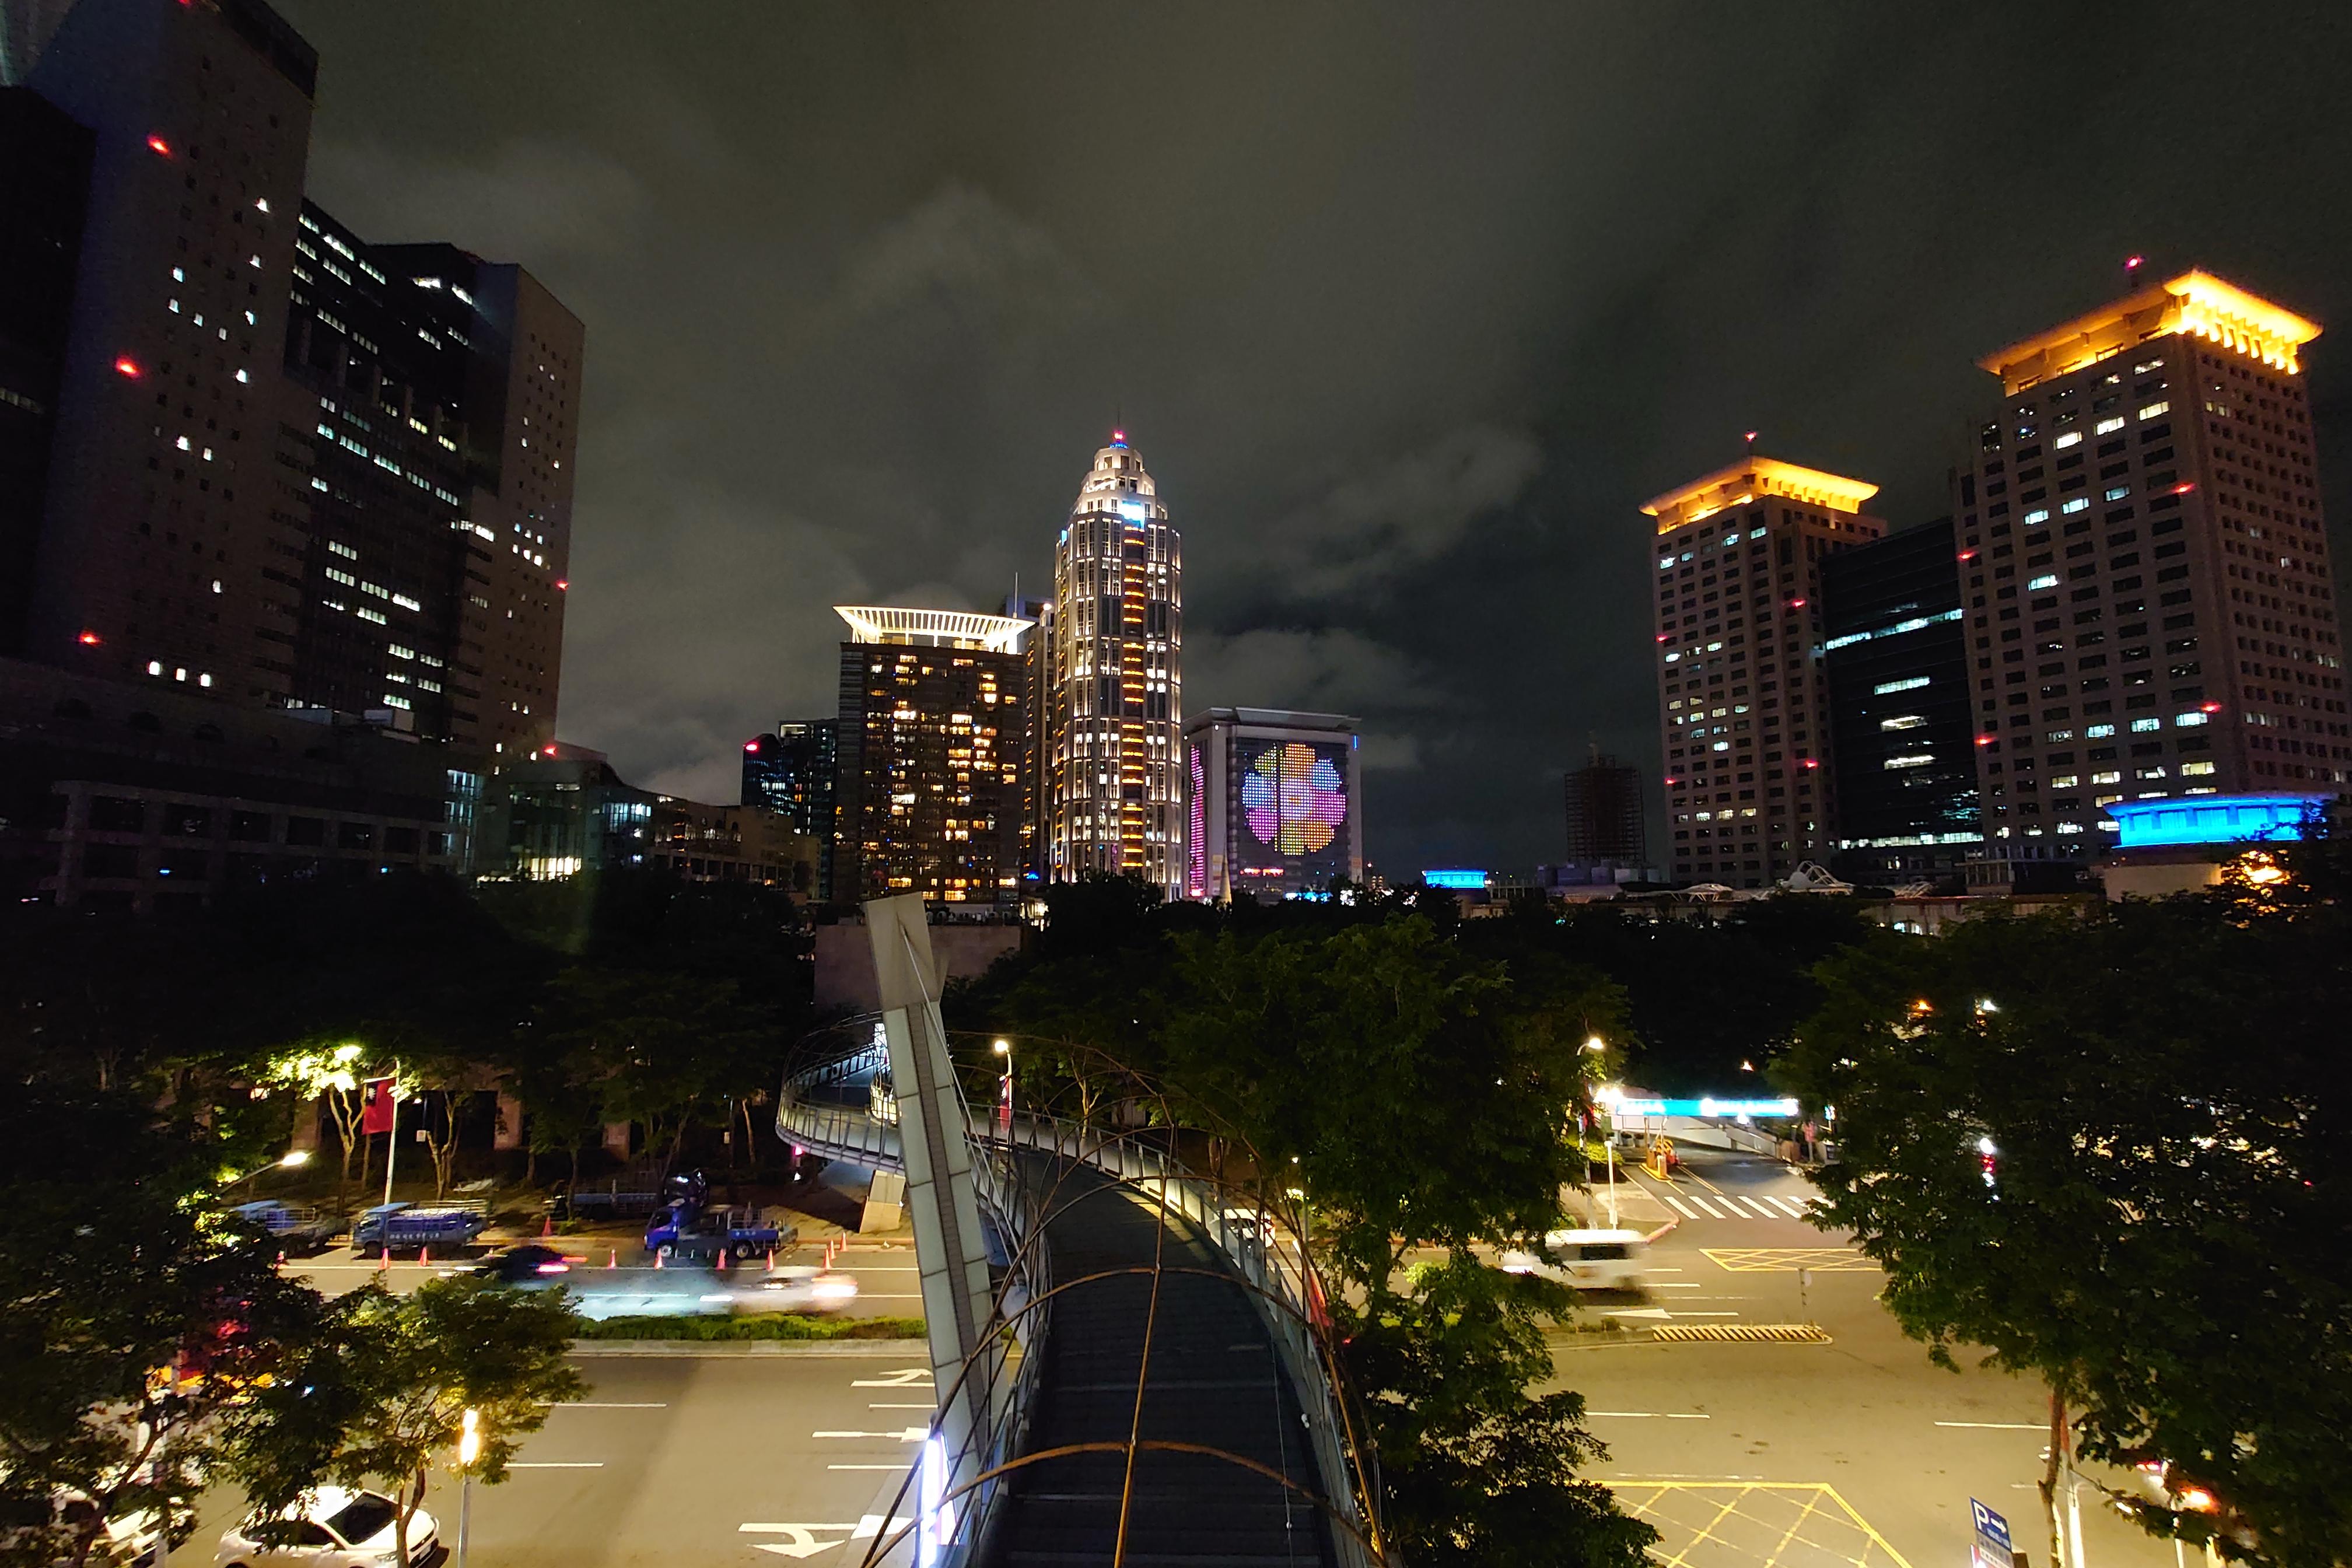 Photo Pro:Auto 偵測夜景模式 - 16mm鏡頭